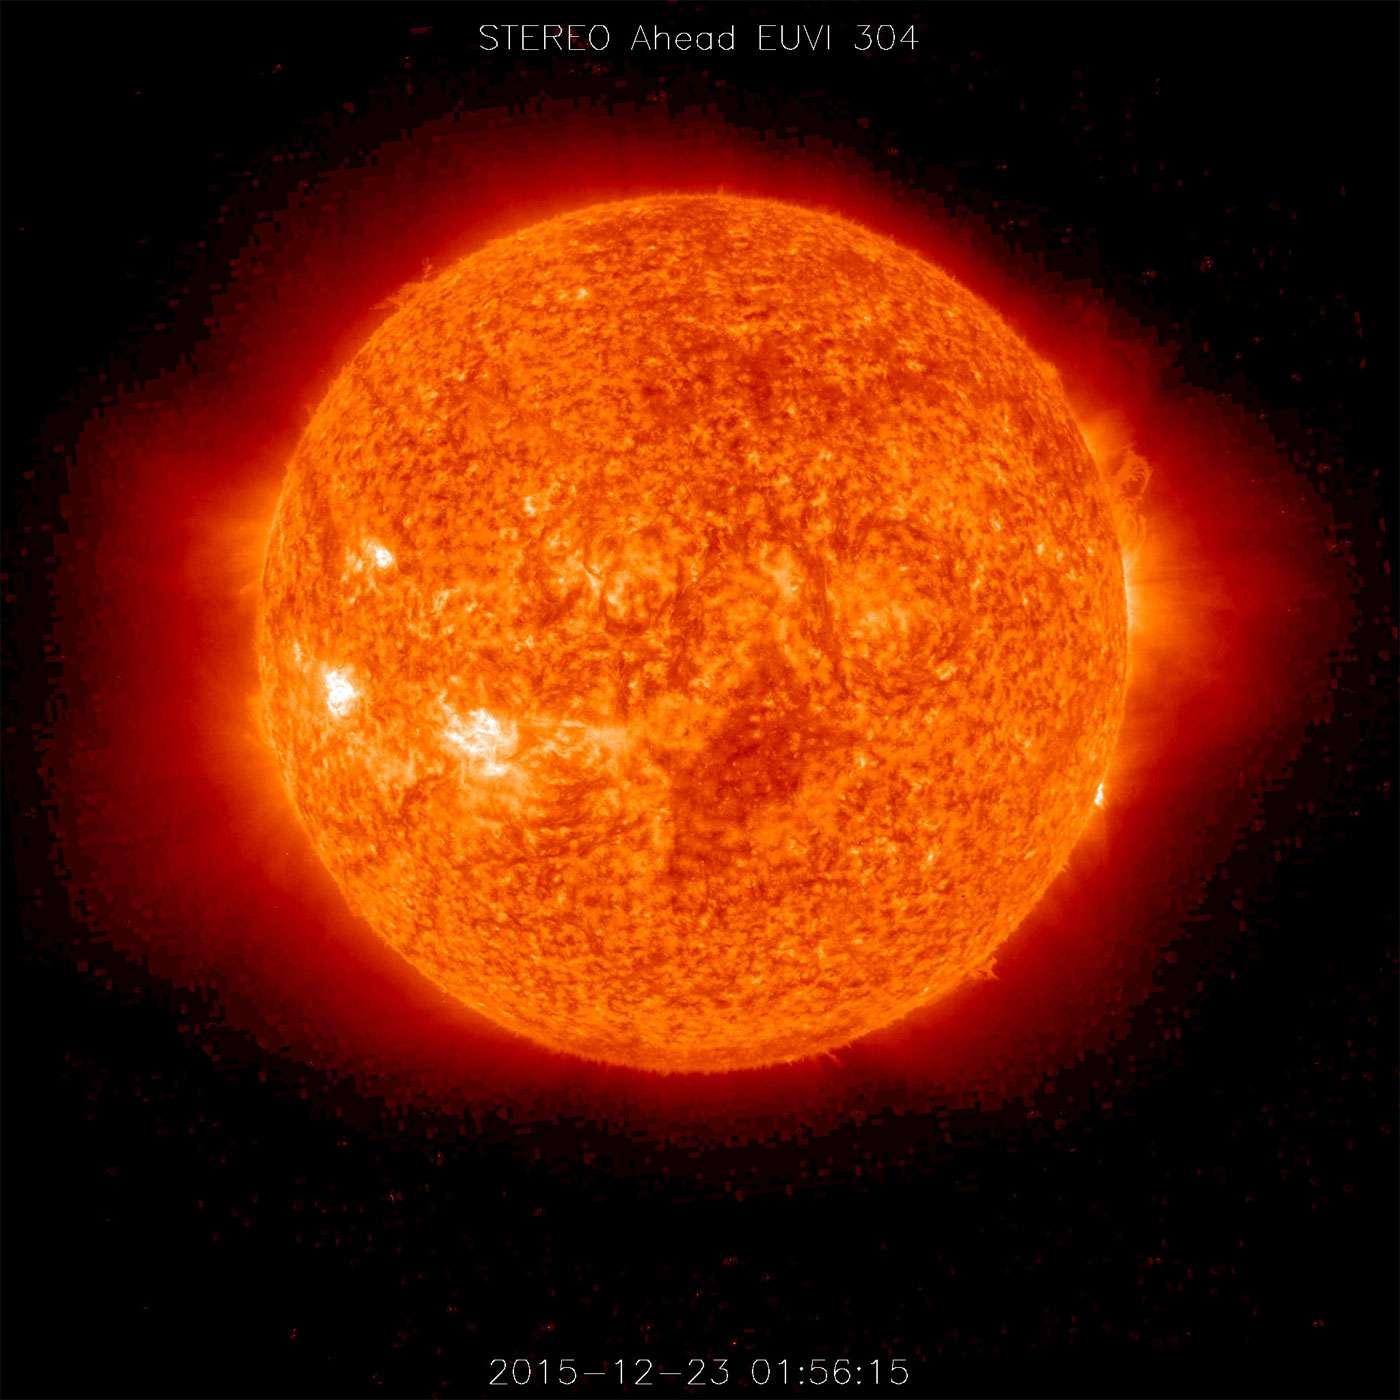 Le Soleil vu le 23 décembre 2015 par le satellite Stereo de la Nasa. © Nasa, Stereo Science Team